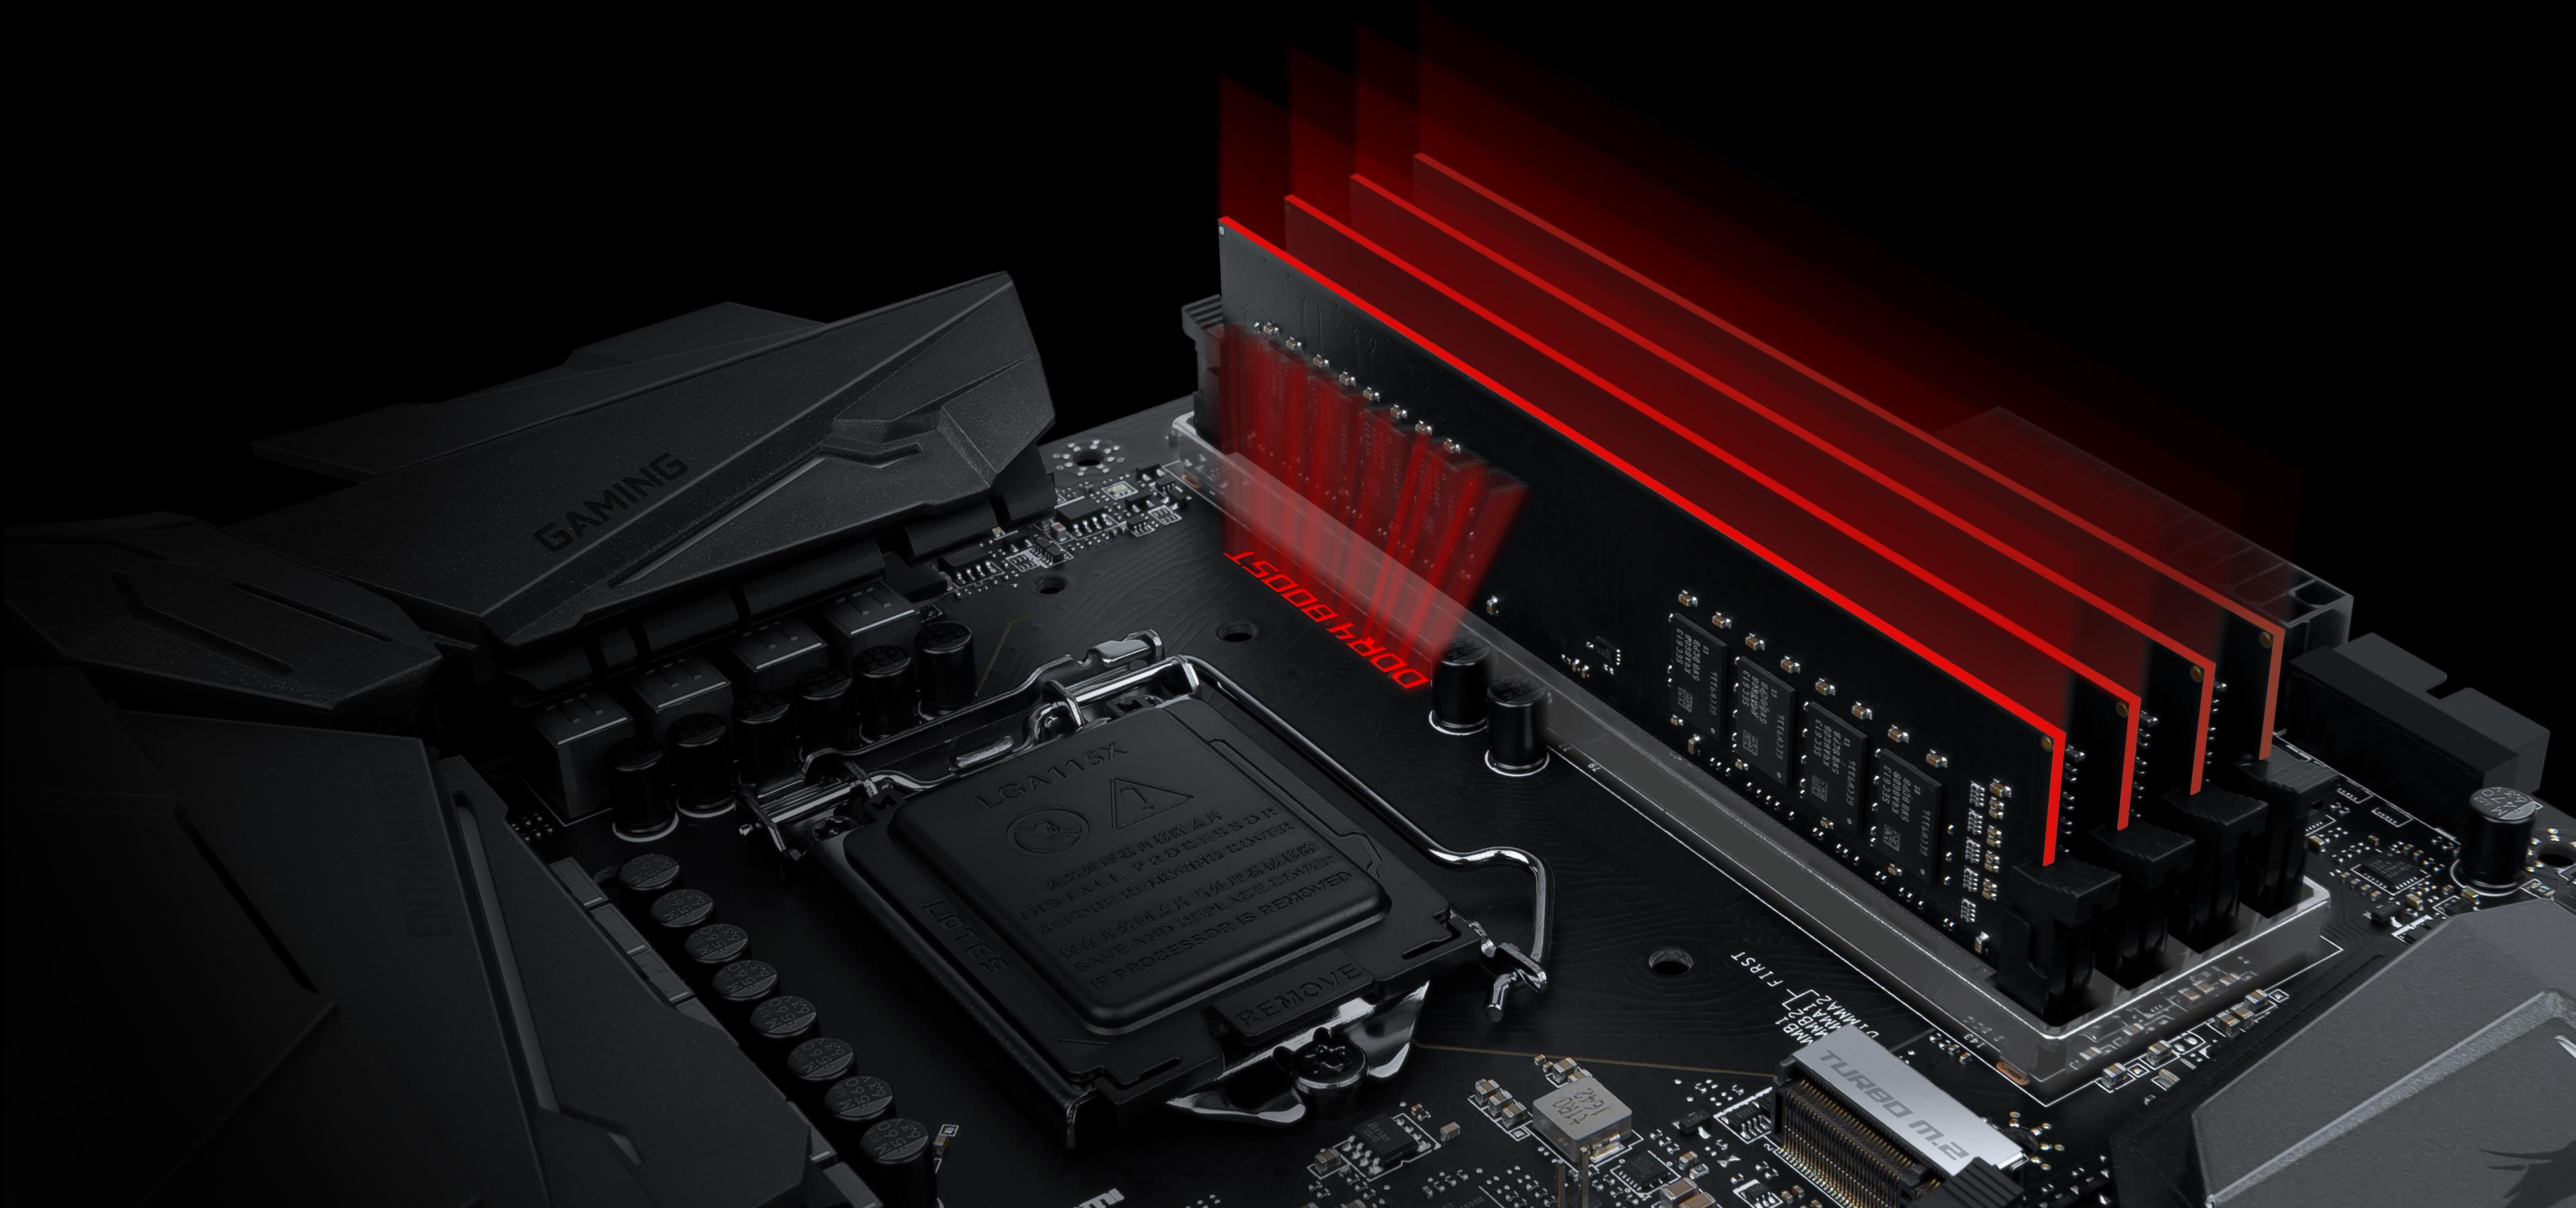 MSI Z270 Gaming M7 LGA1151 ATX Motherboard